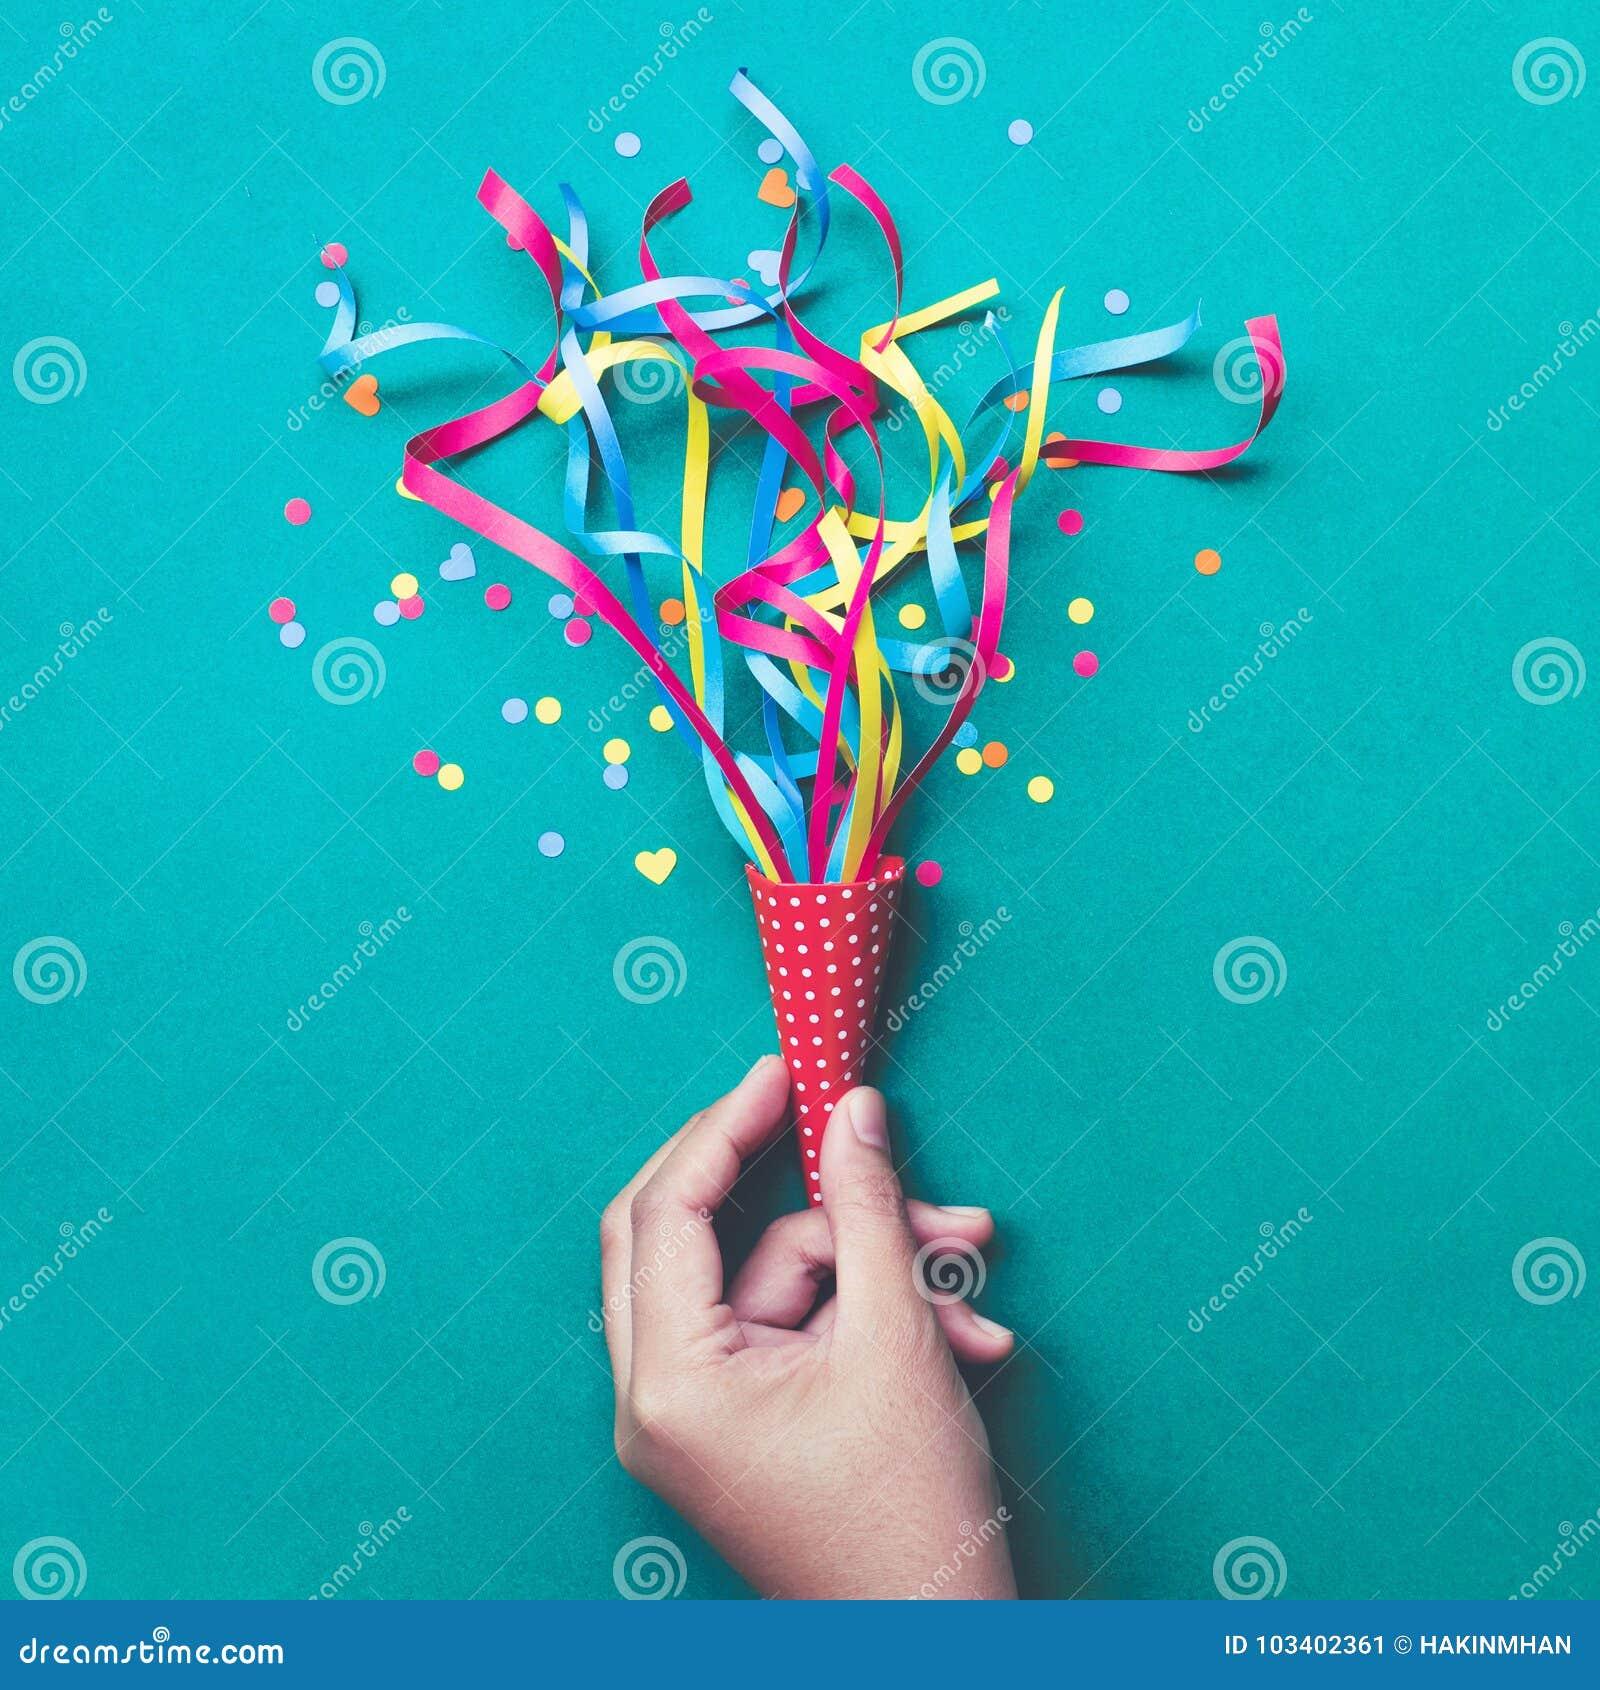 Celebração, ideias dos conceitos dos fundos do partido com a mão que guarda confetes coloridos, flâmulas